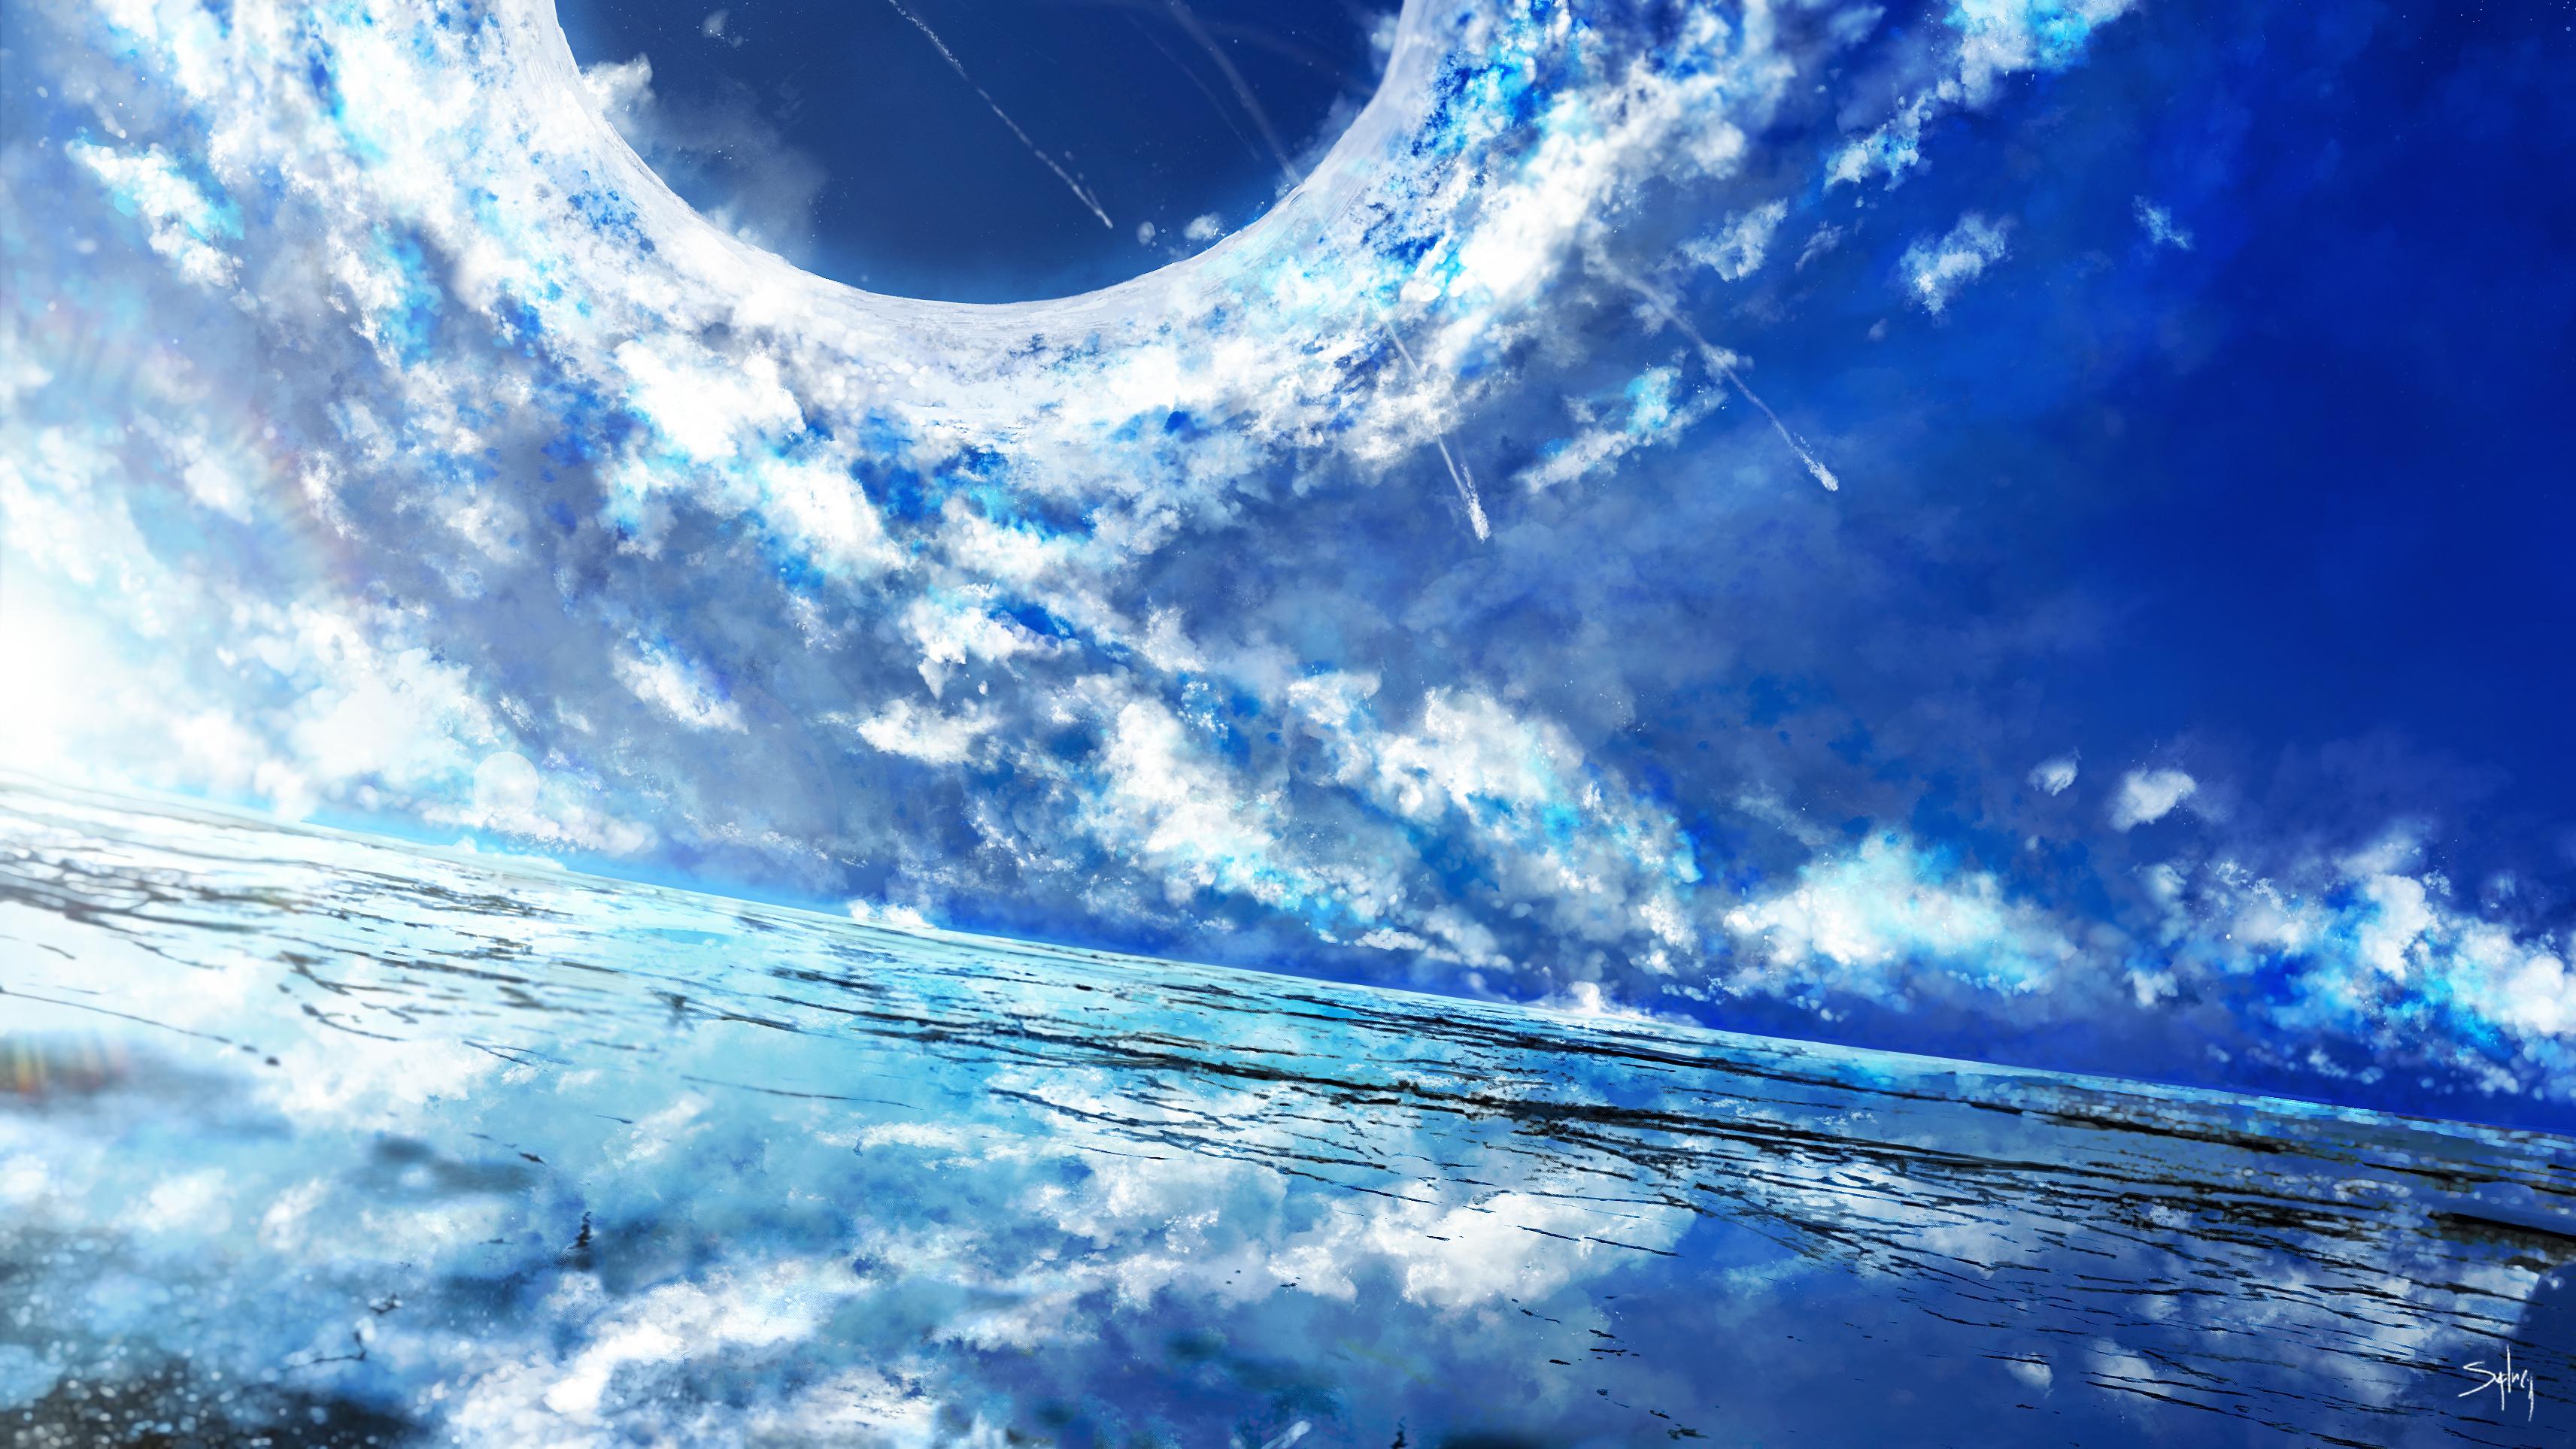 Horizon 高清壁纸 桌面背景 3425x1927 Id 9287 Wallpaper Abyss